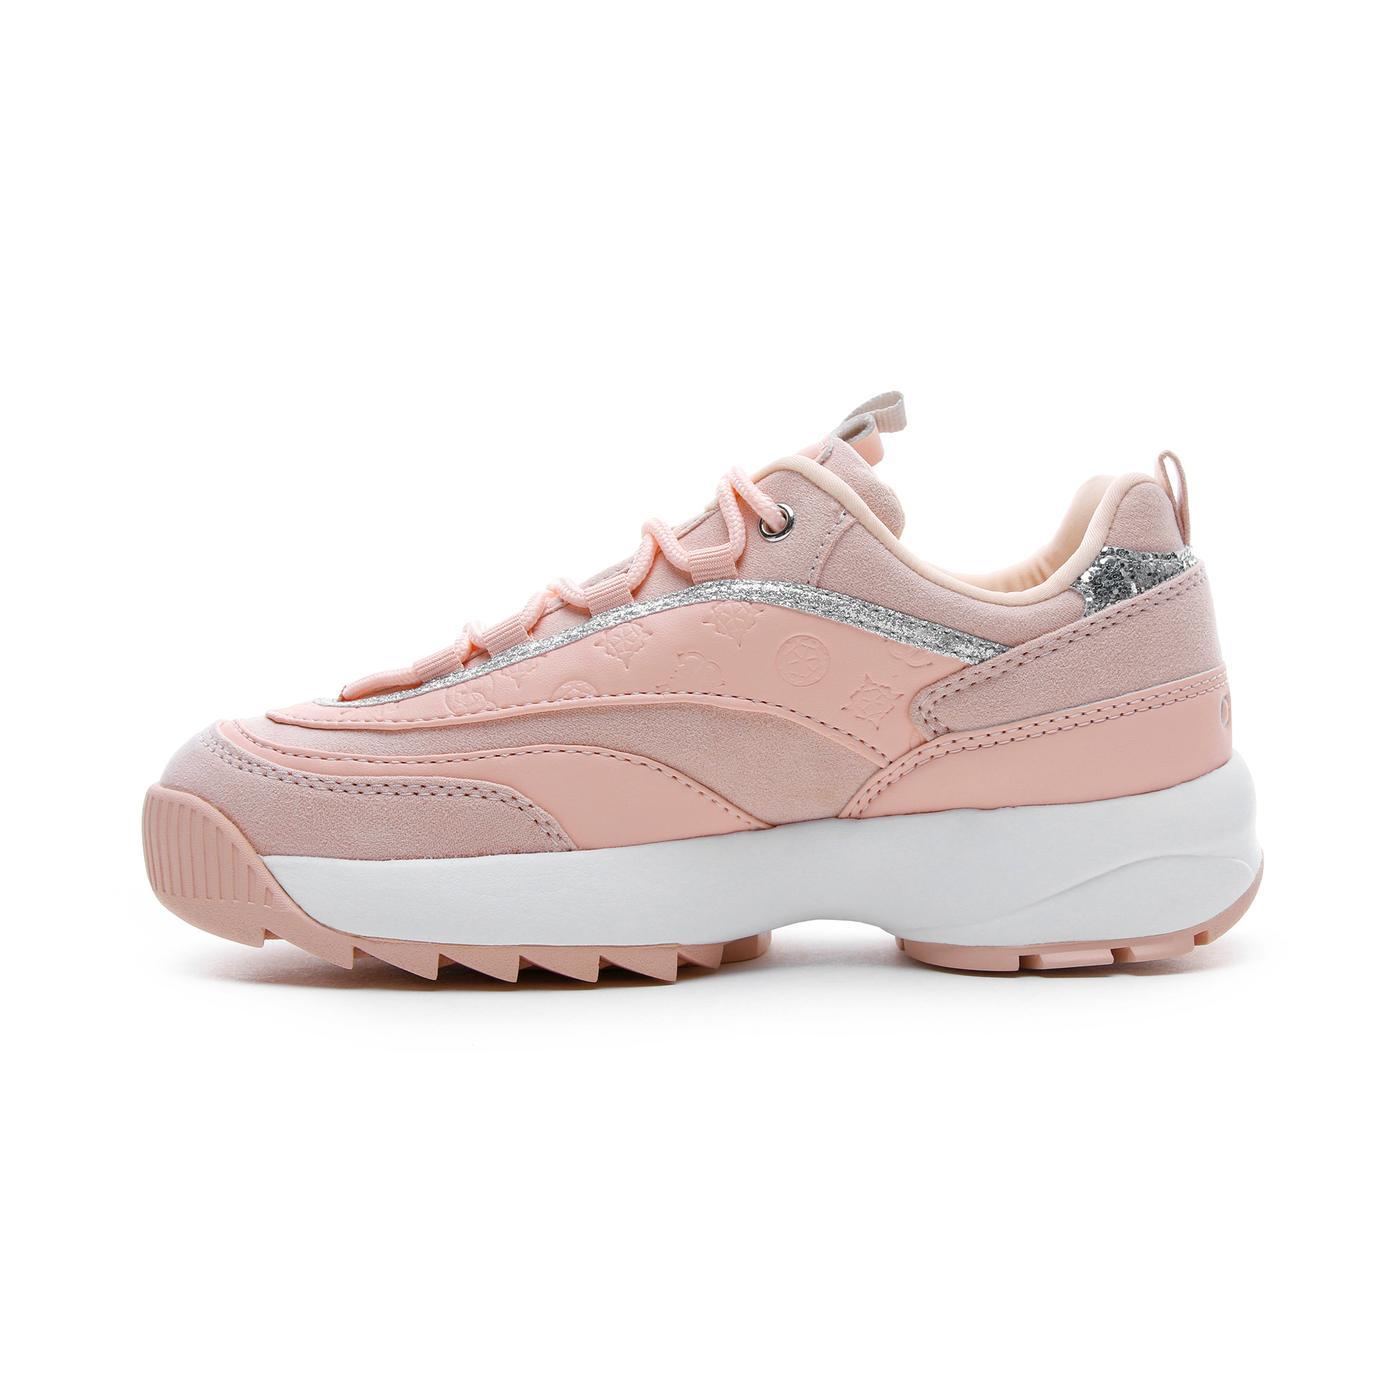 Guess Kaysie2 Pembe Kadın Spor Ayakkabı